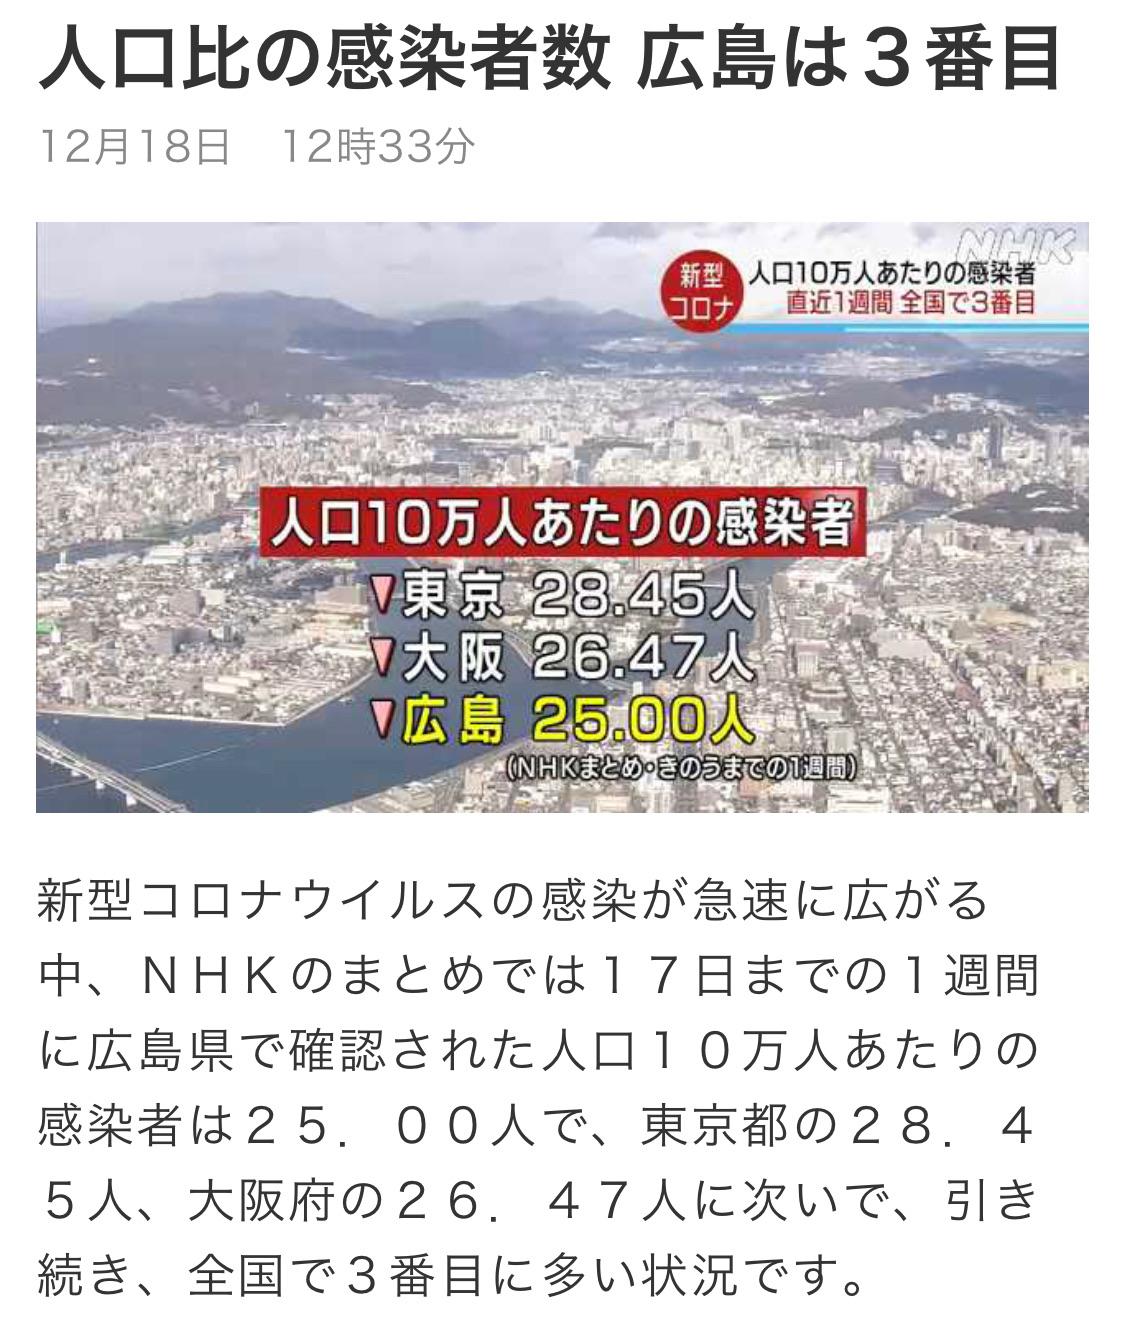 【重要】対面レッスン休止のお知らせ